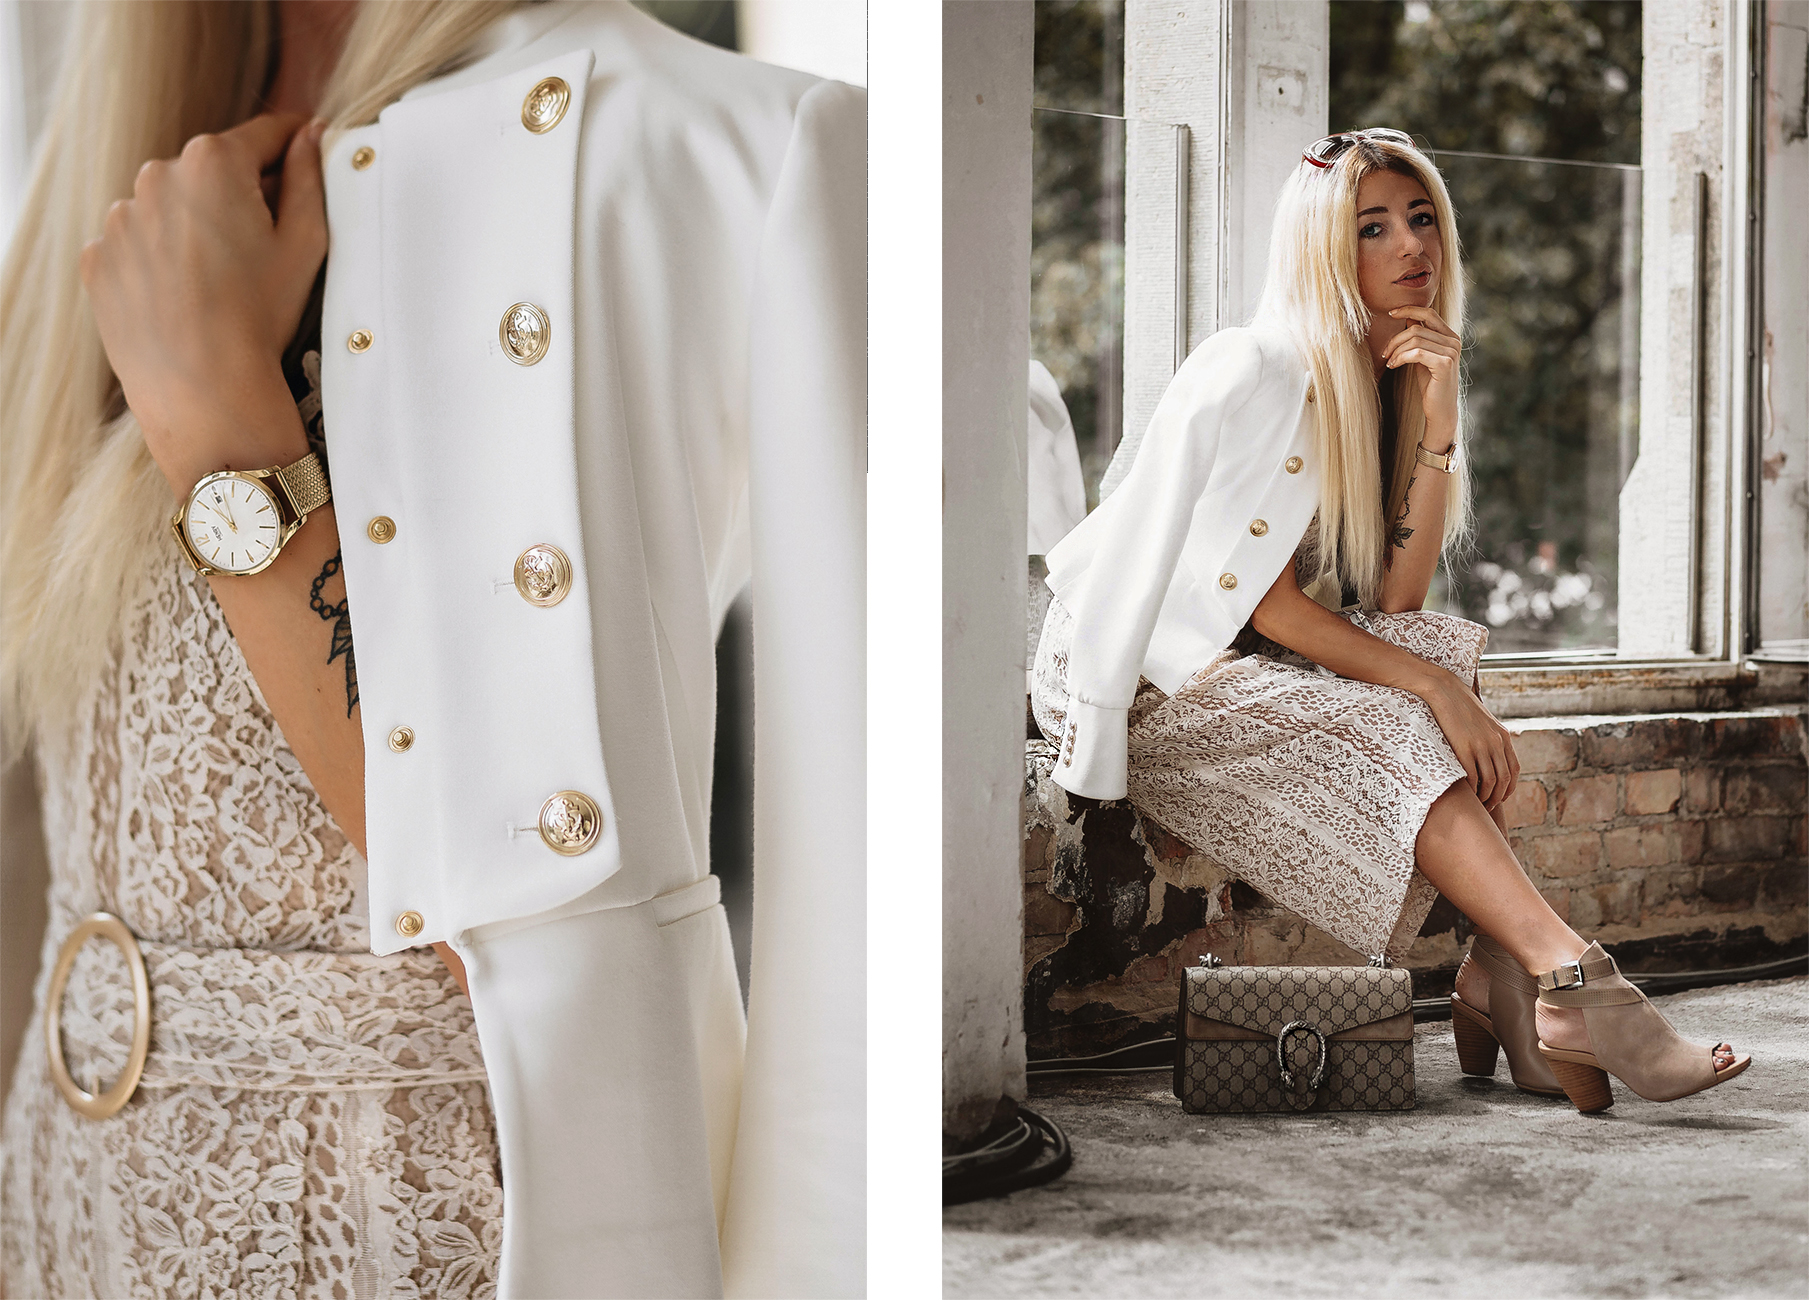 influencer-blogger-fashionblog-modeblog-koeln-instagram-style-jumpsuit